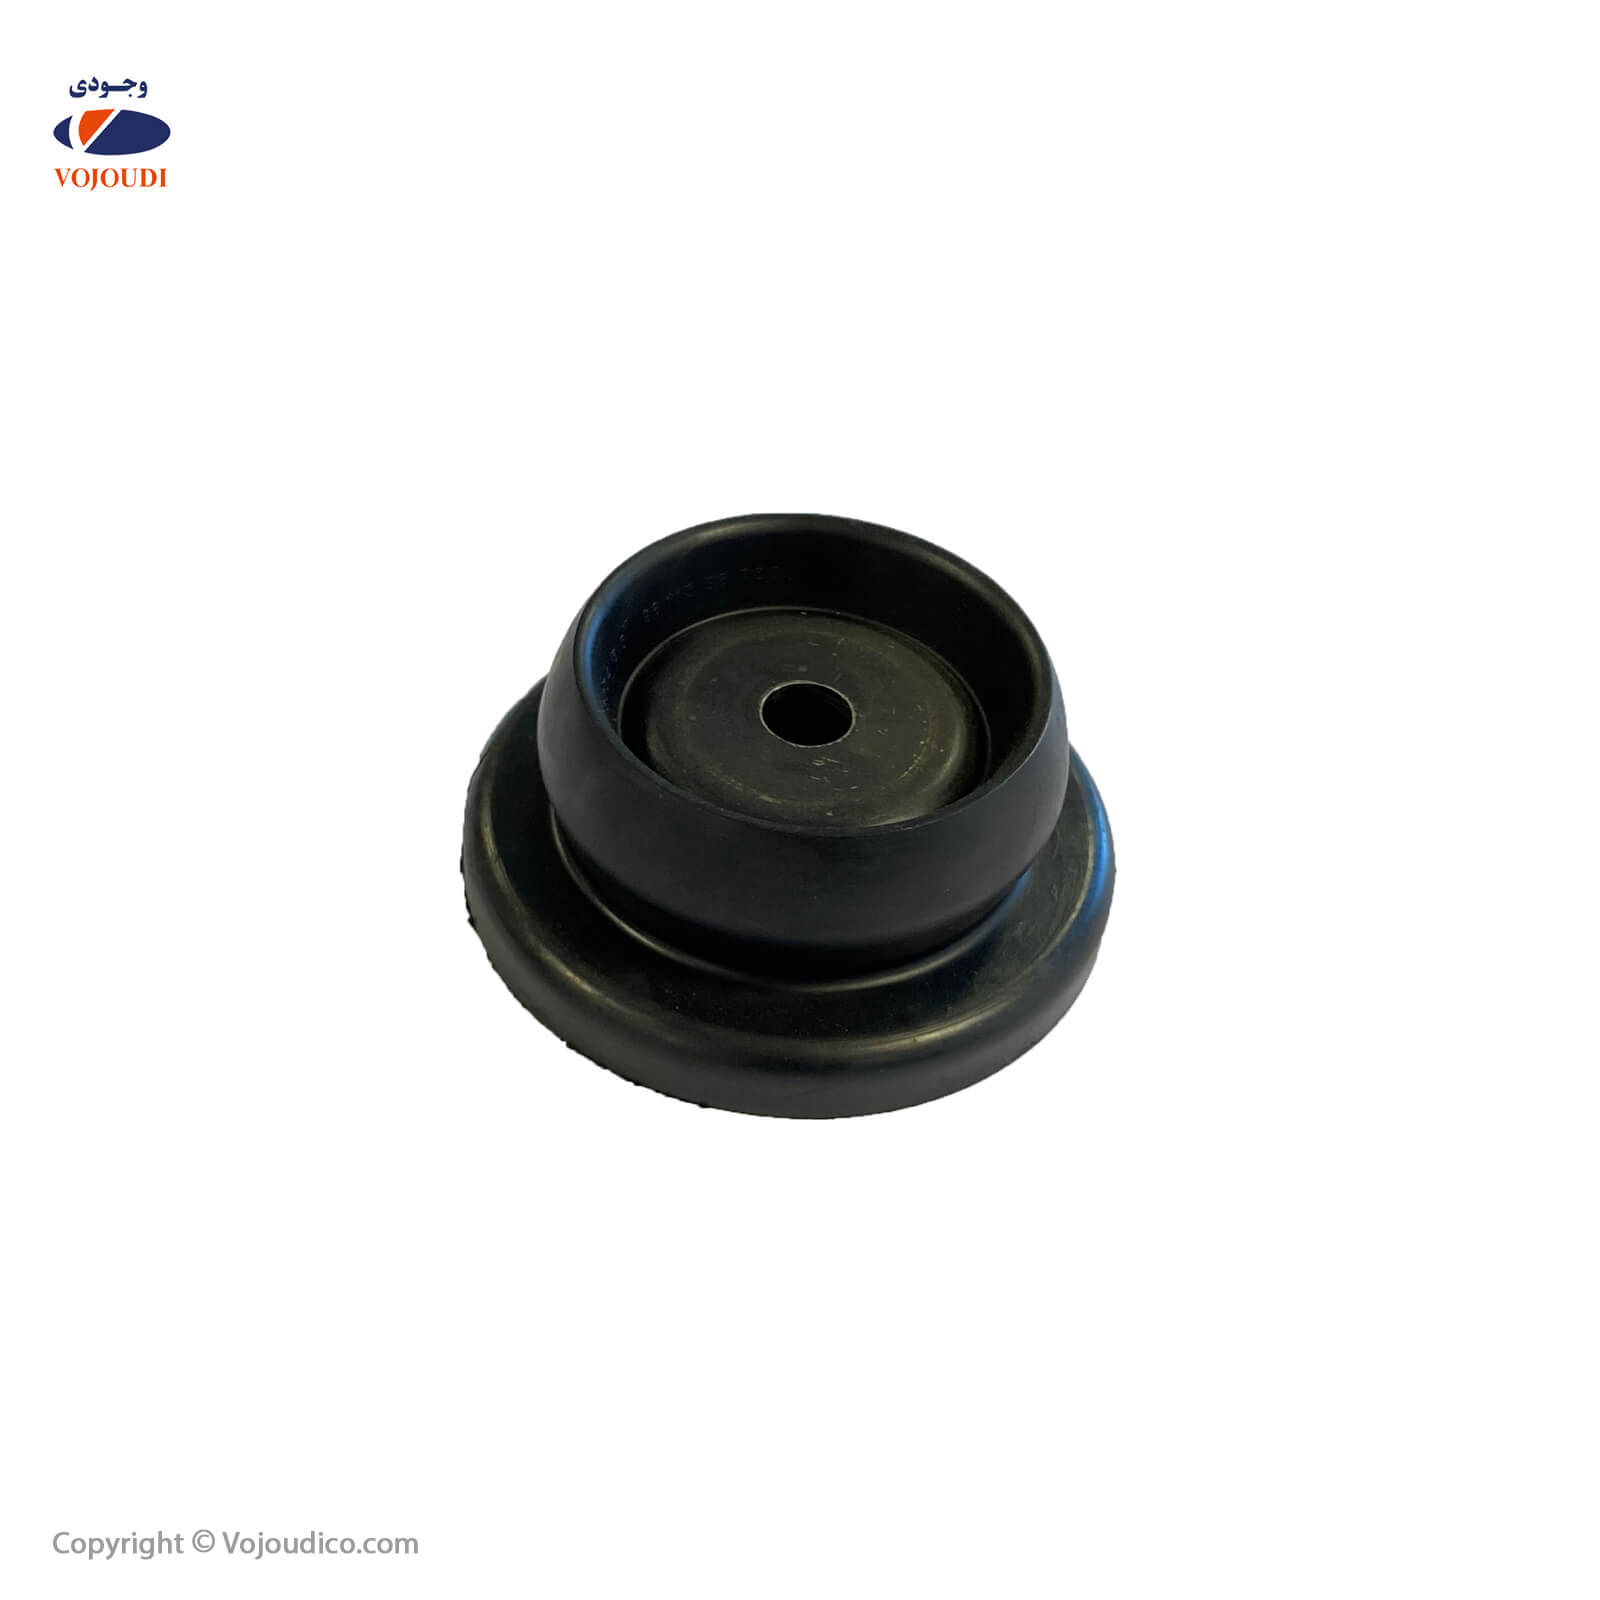 3168 1 - توپی سركمك با فلز وجودی کد 3168 مناسب برای 405-GLX ، تعداد بسته : 20 عدد